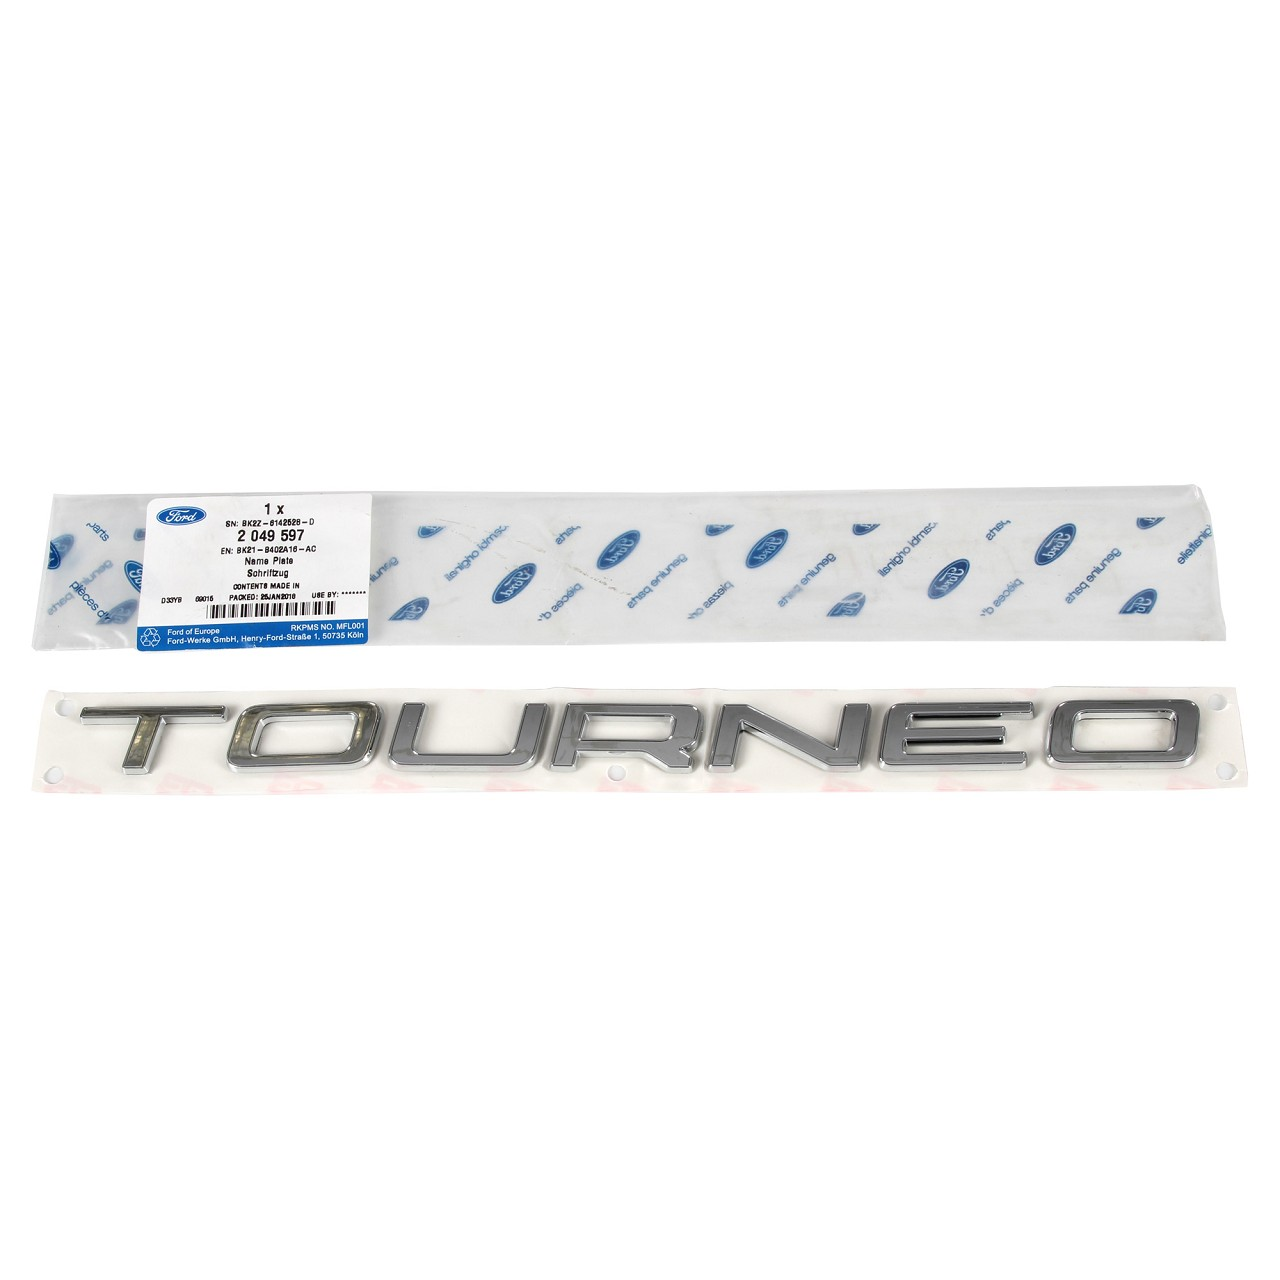 ORIGINAL Ford Emblem Schriftzug Zeichen ''Tourneo'' Transit 2012- hinten 2049597